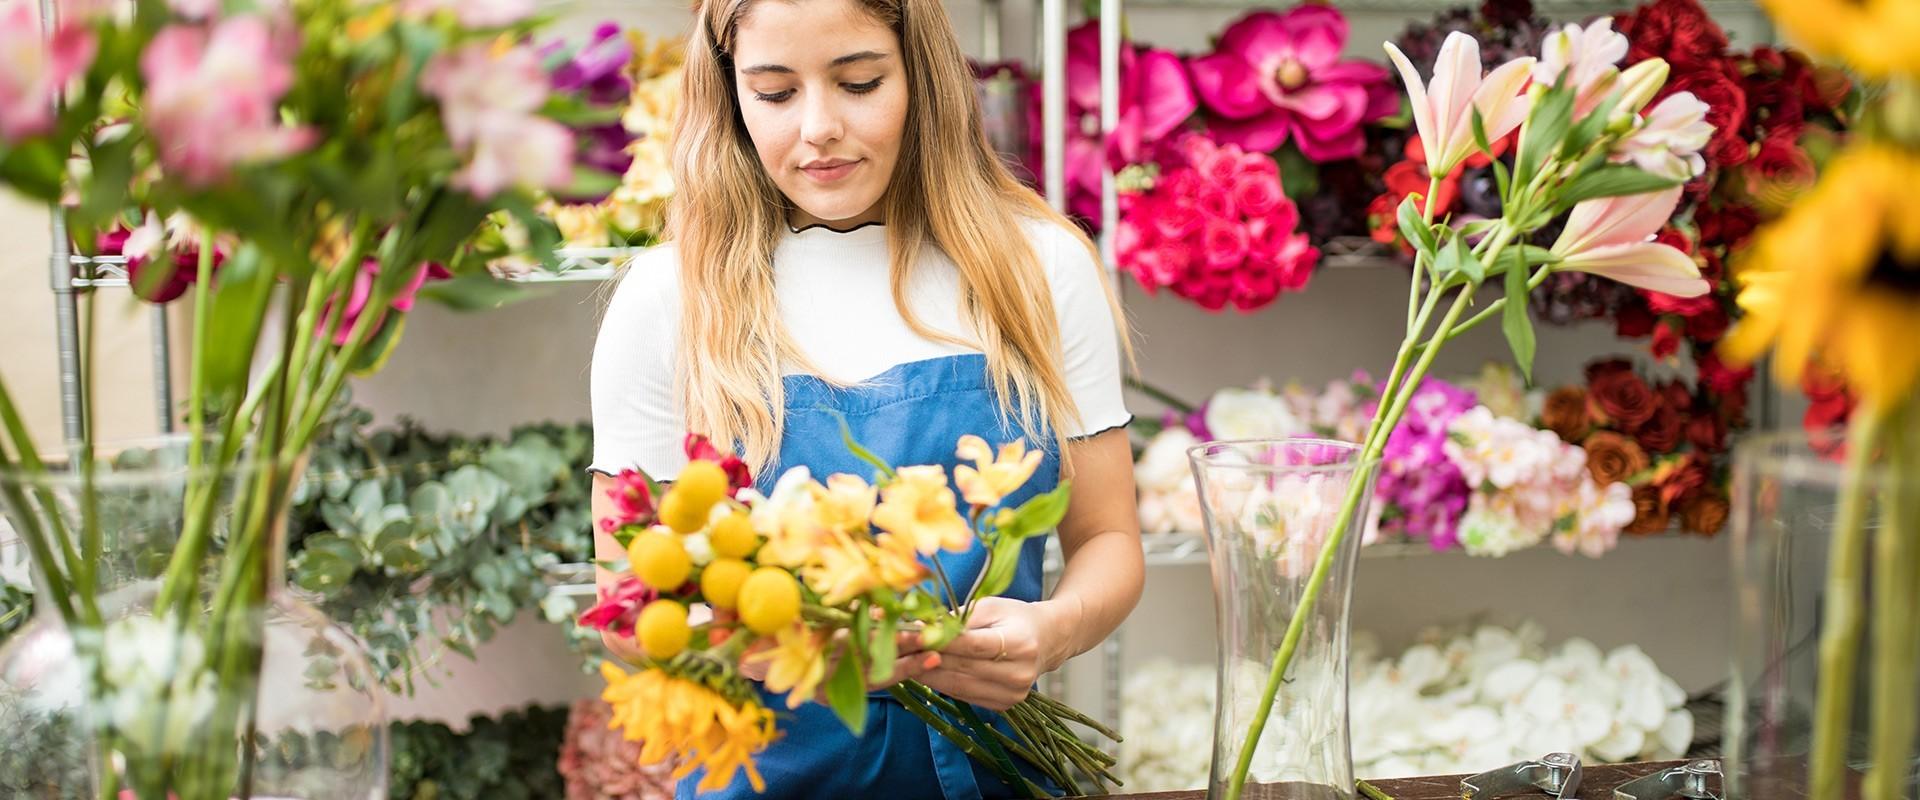 Fleuriste vendeur vendeuse m tier formations salaire leguidedesm tiers for Salaire vendeur